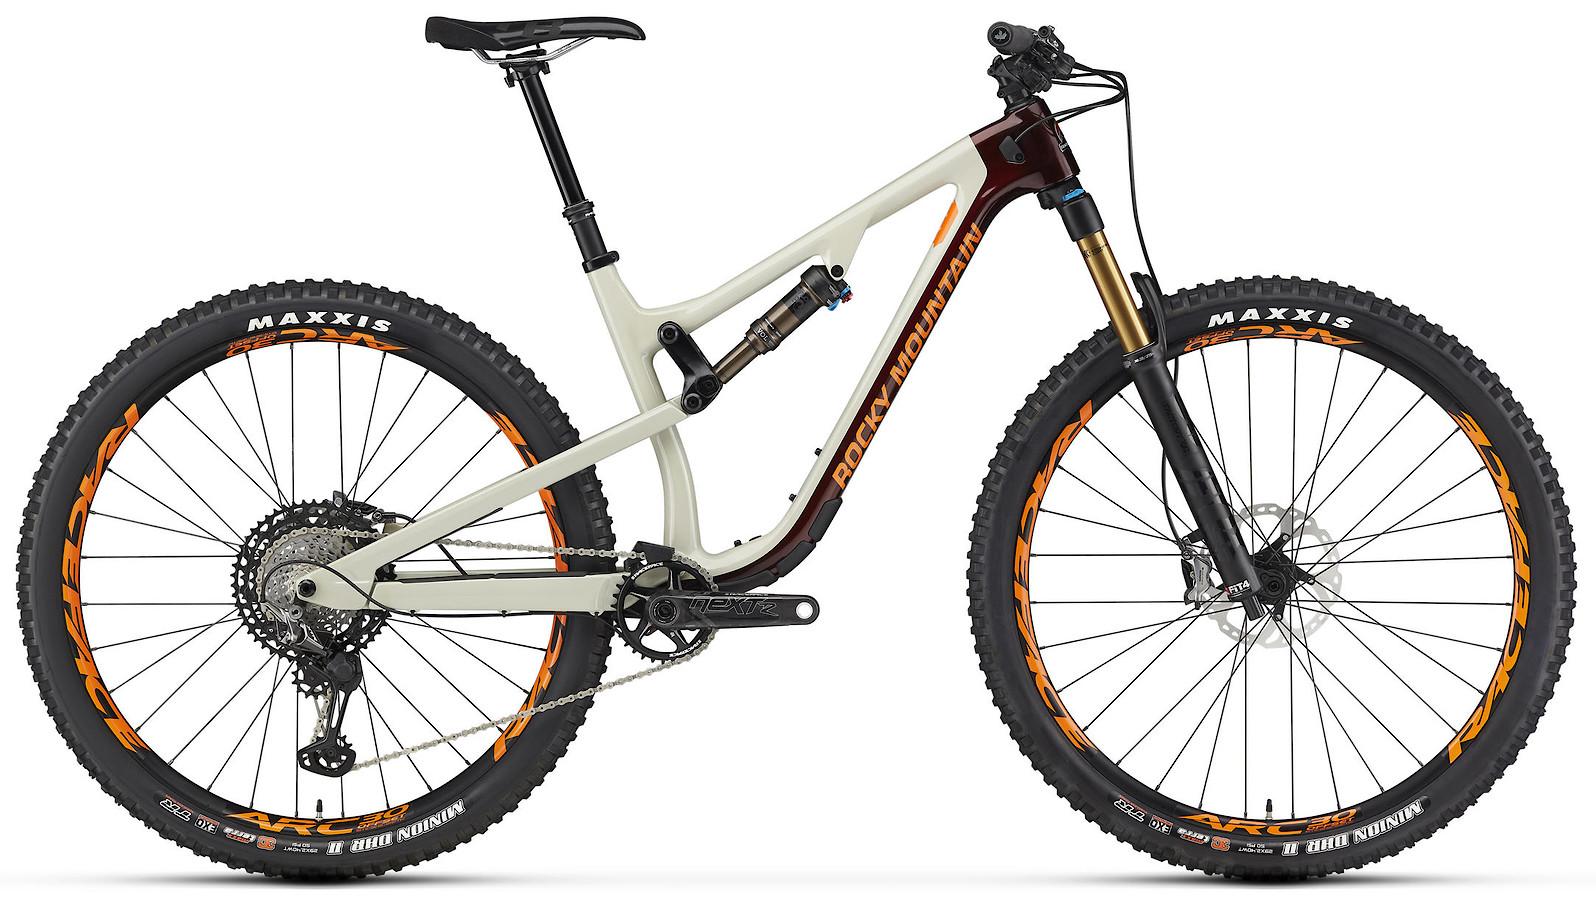 2020 Rocky Mountain Instinct Carbon 90 Beige Dark Red and Orange